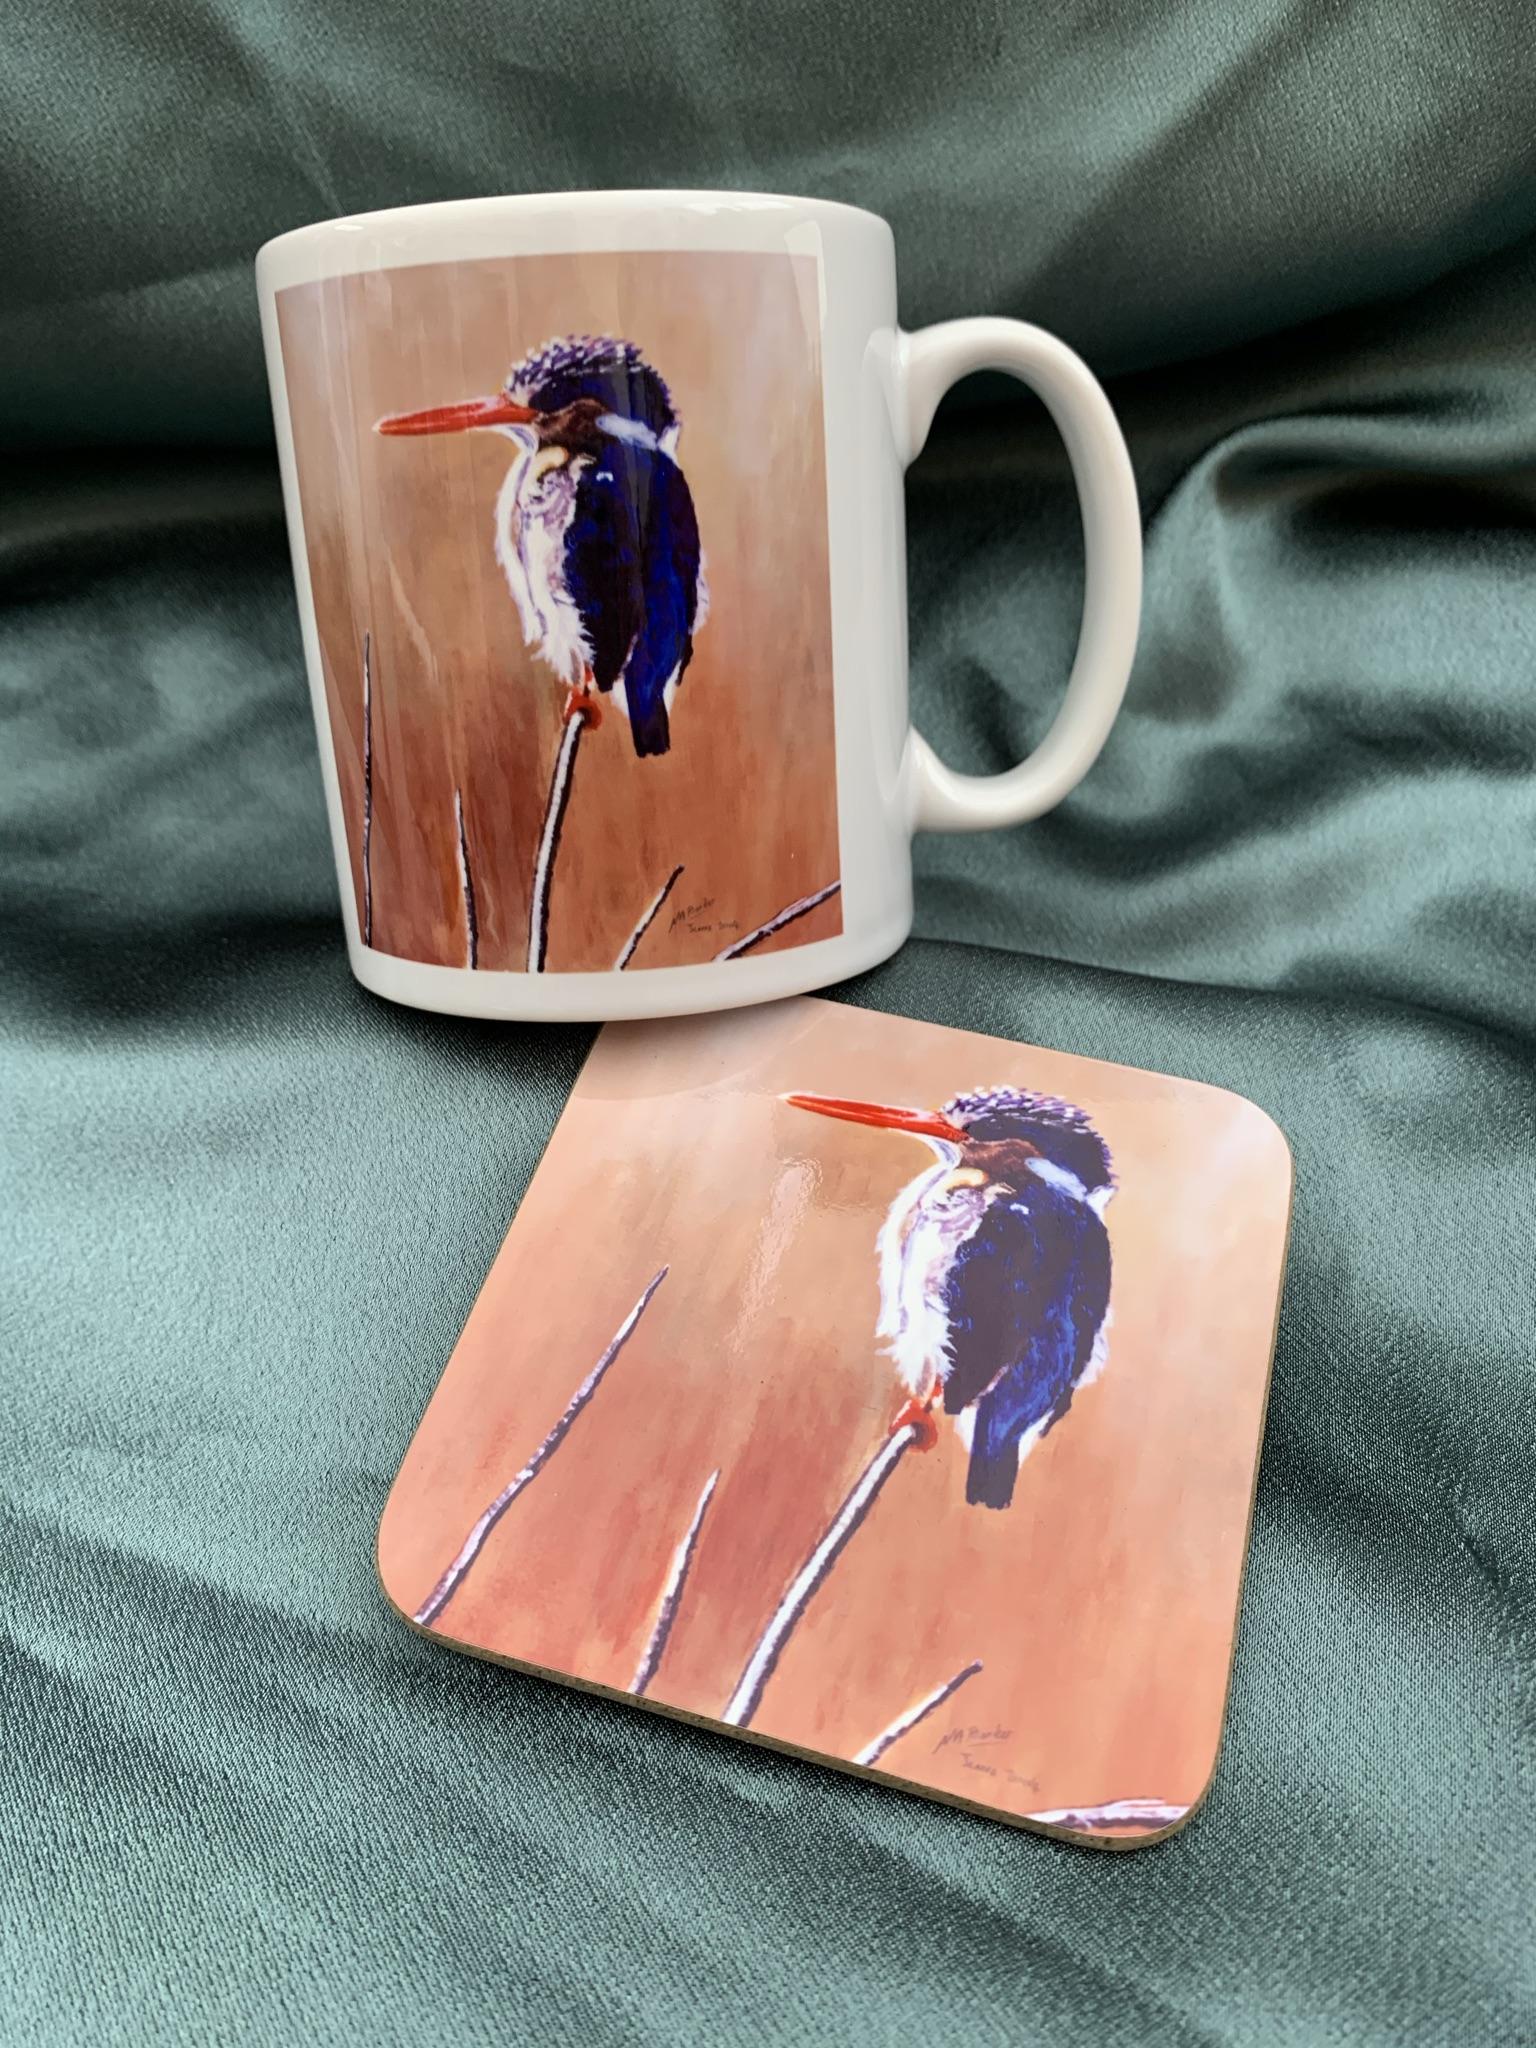 Malachite Kingfisher Mug and Coaster - £8